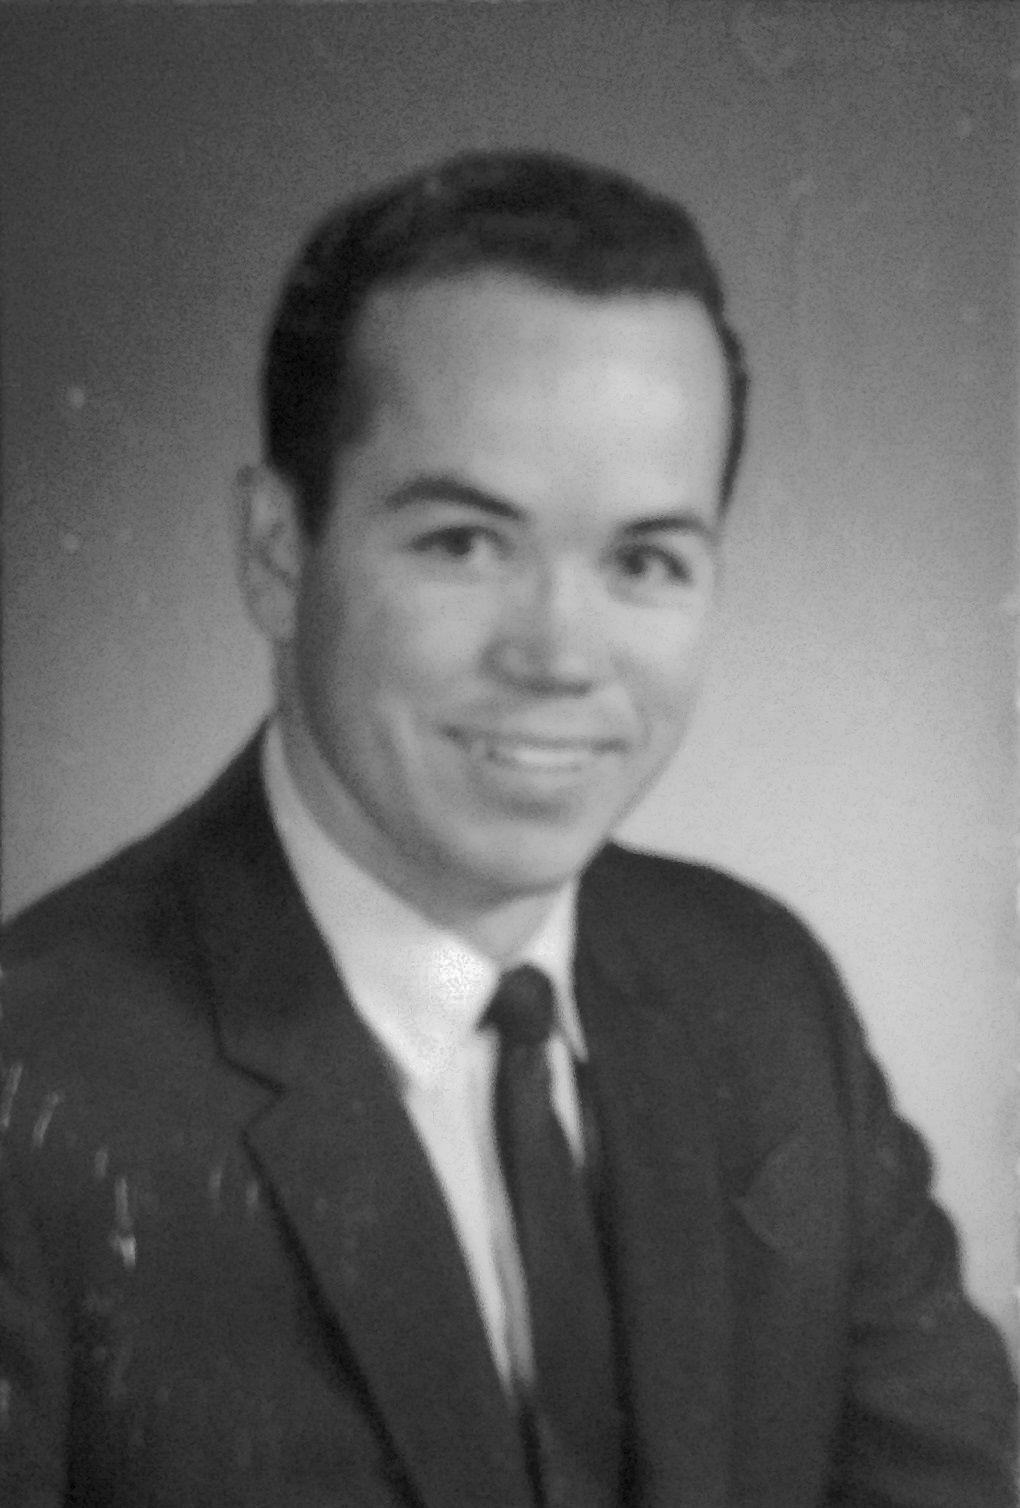 J DeOrr Fluckiger, c. 1964.